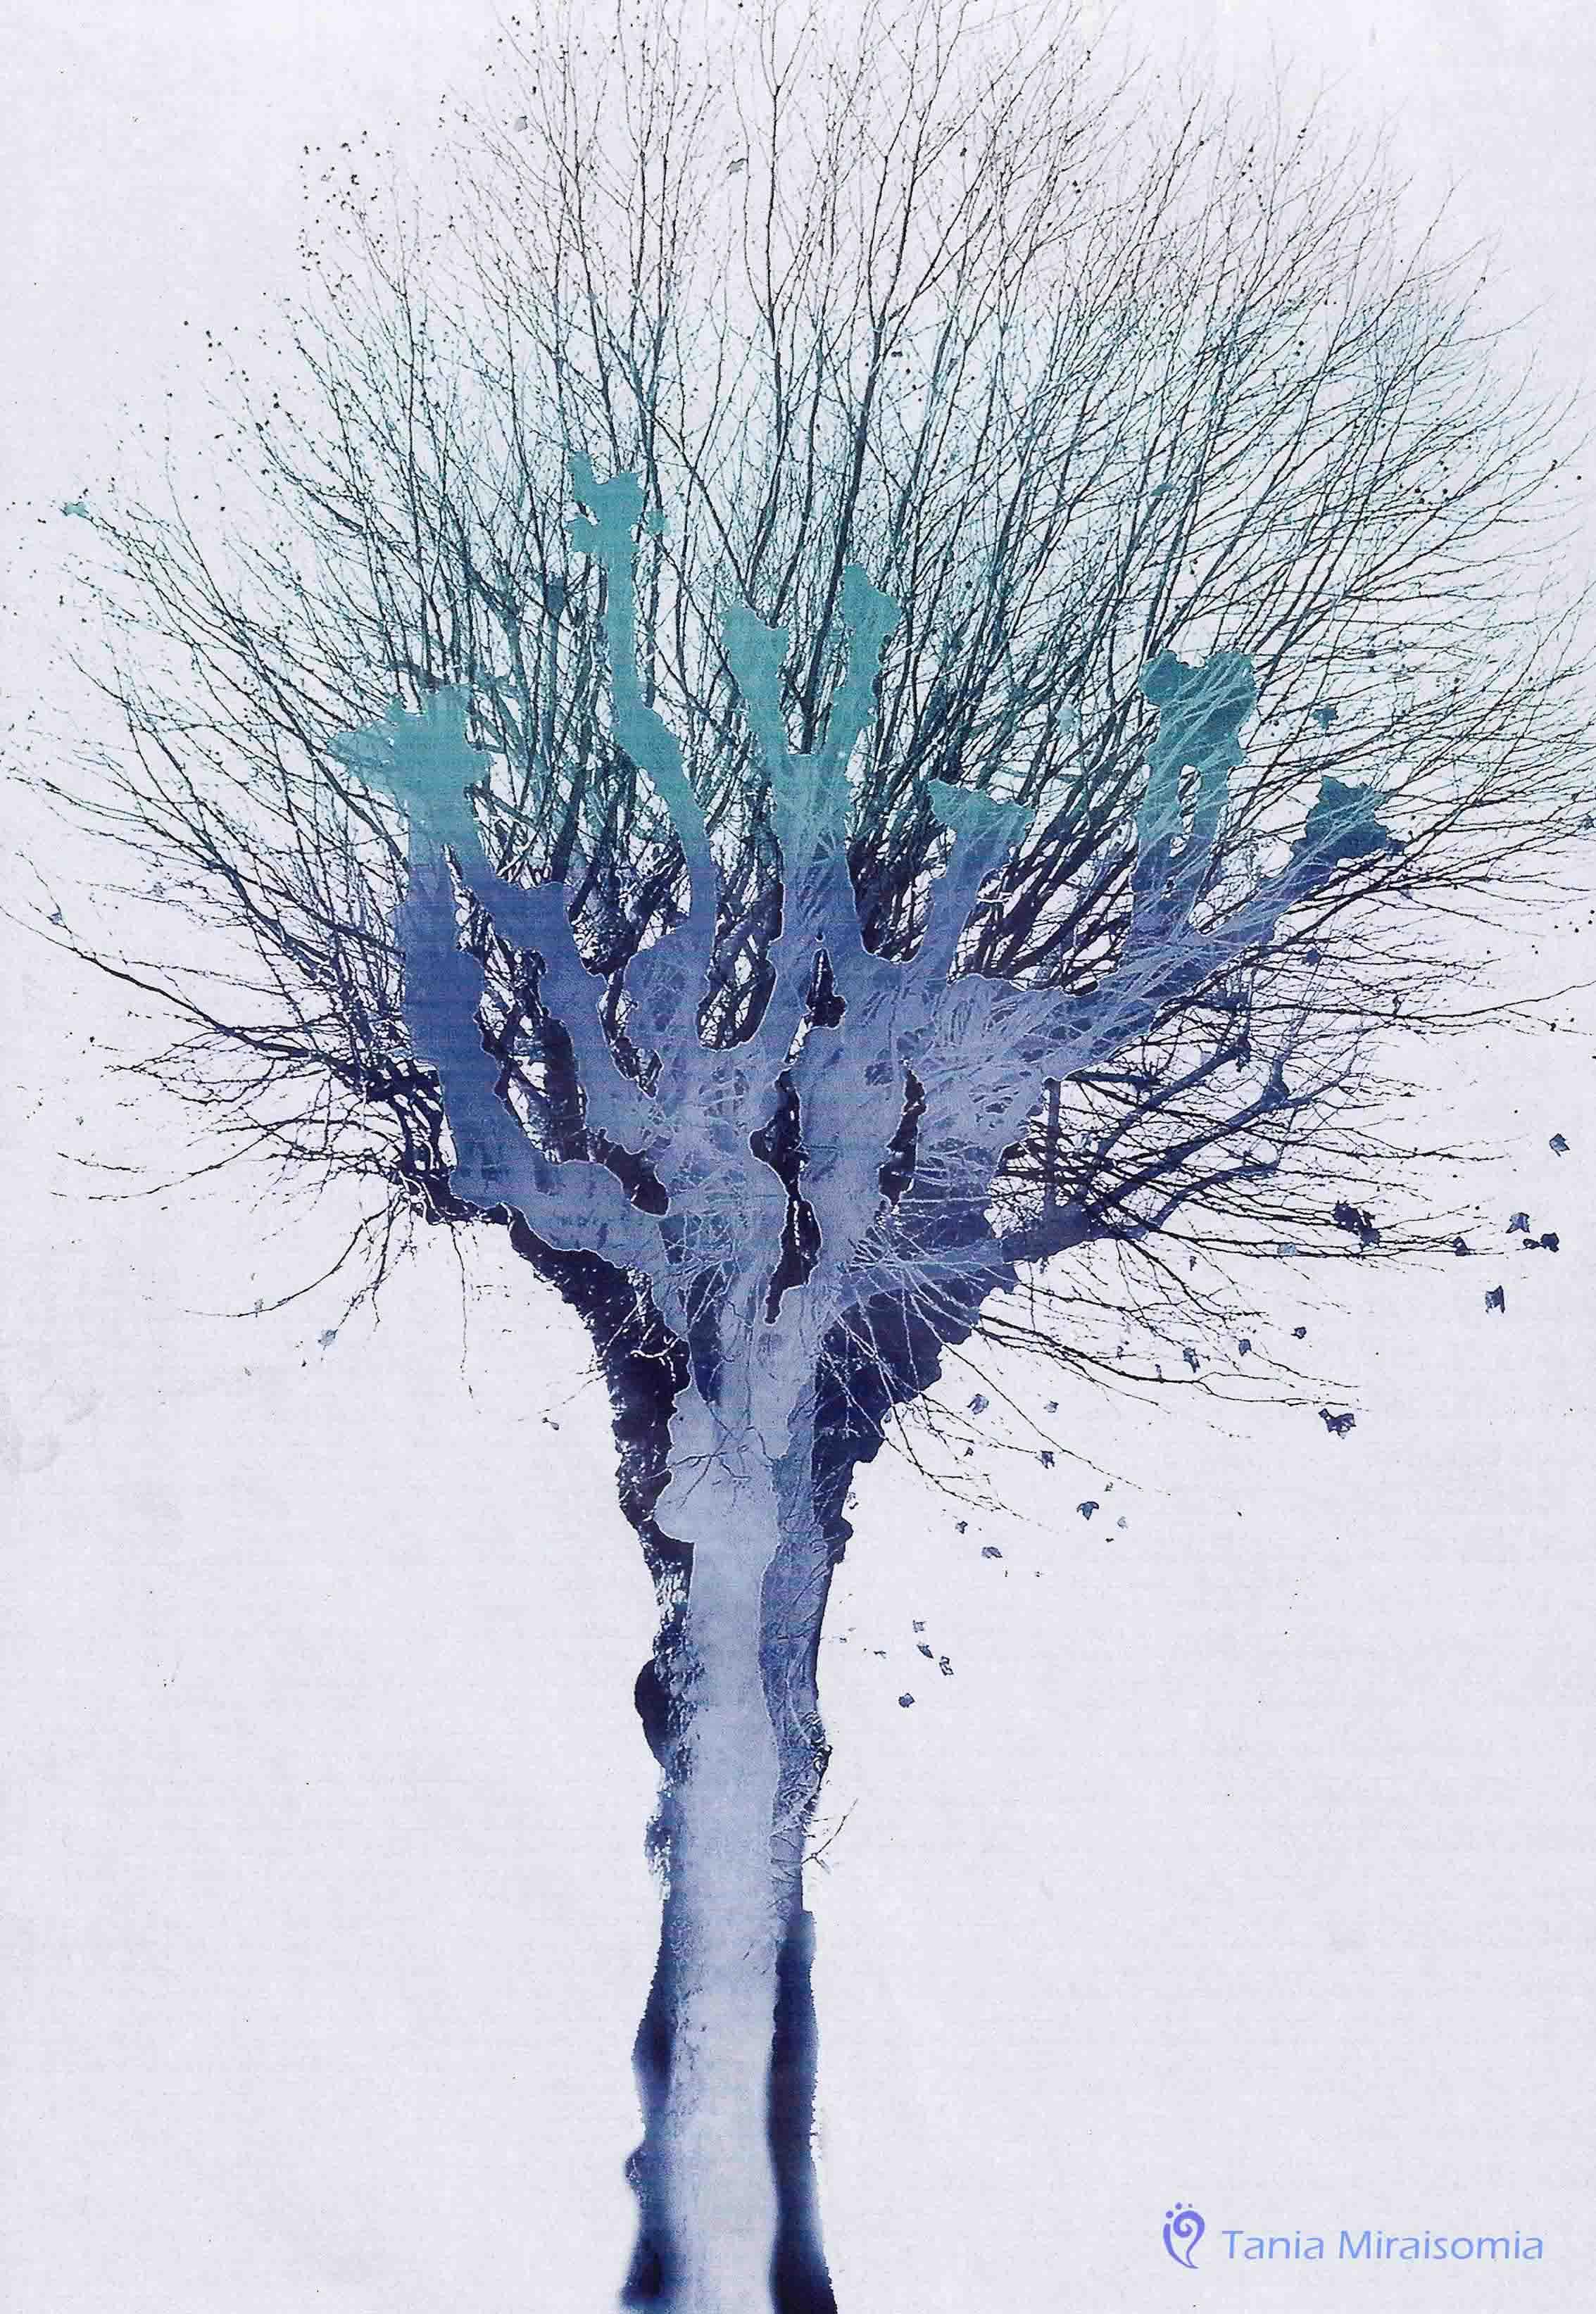 tree01_tania.jpg